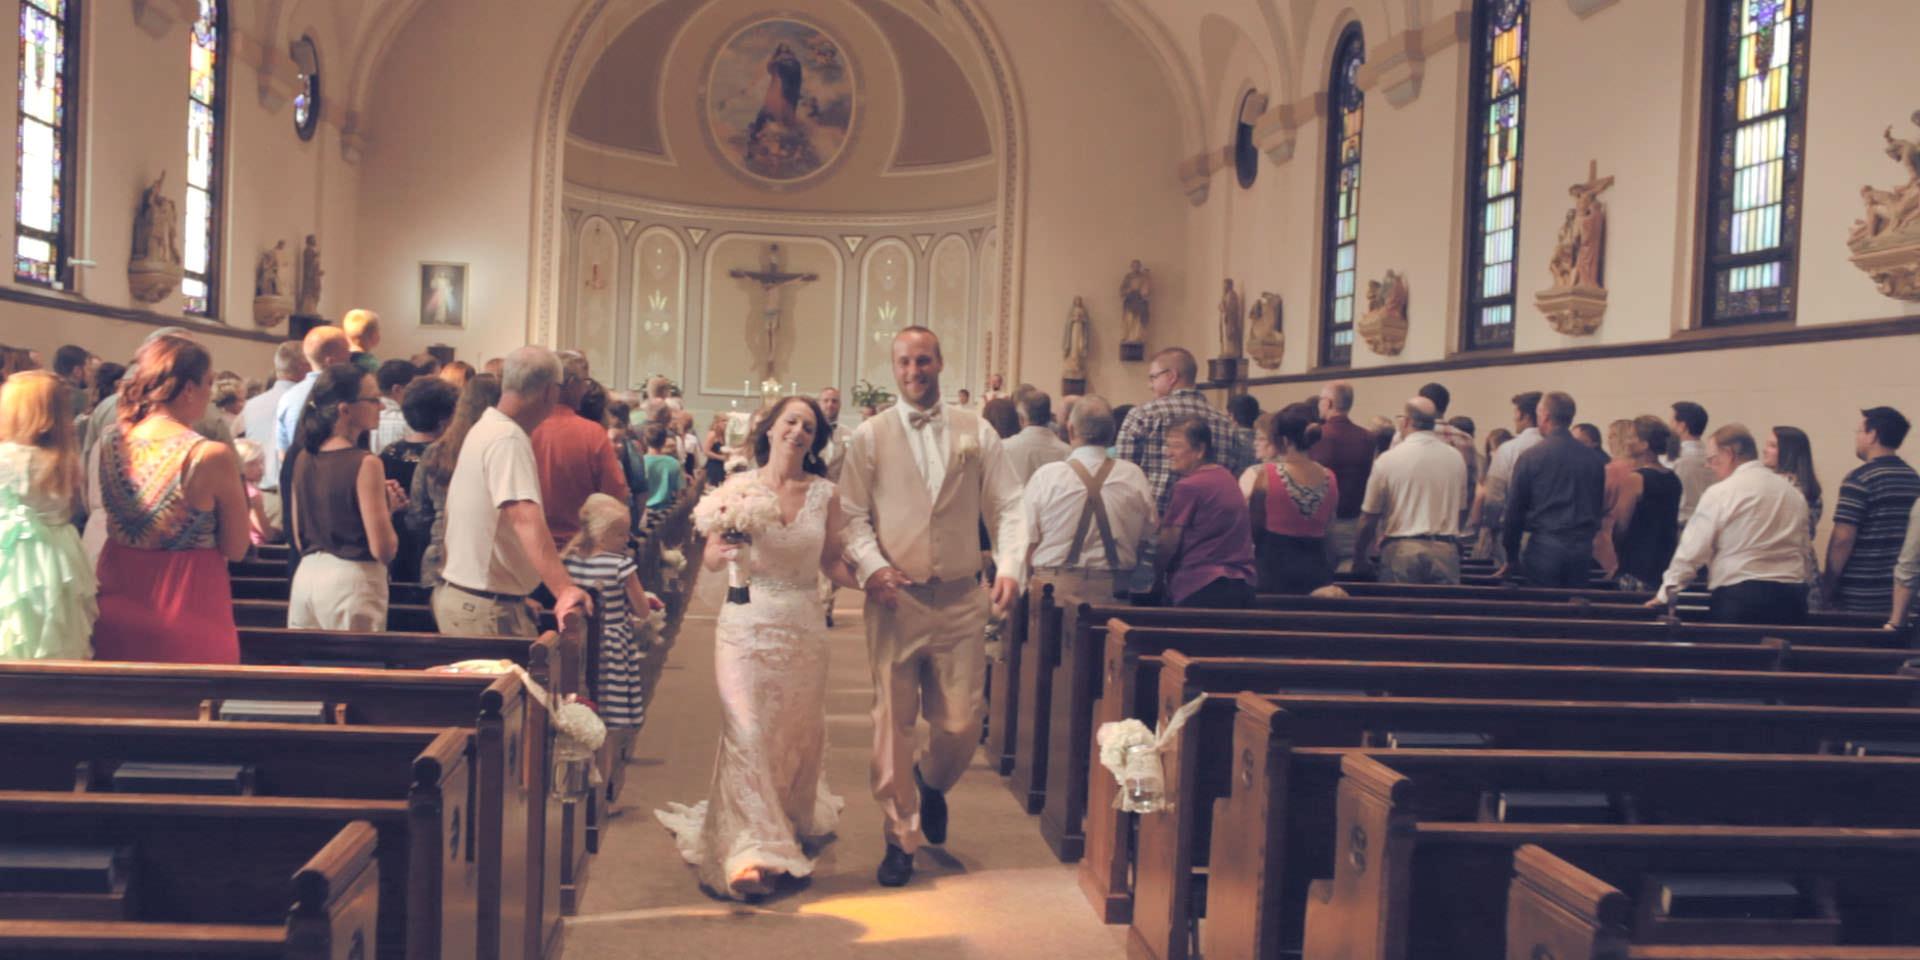 wedding story.00_06_05_09.Still013.jpg